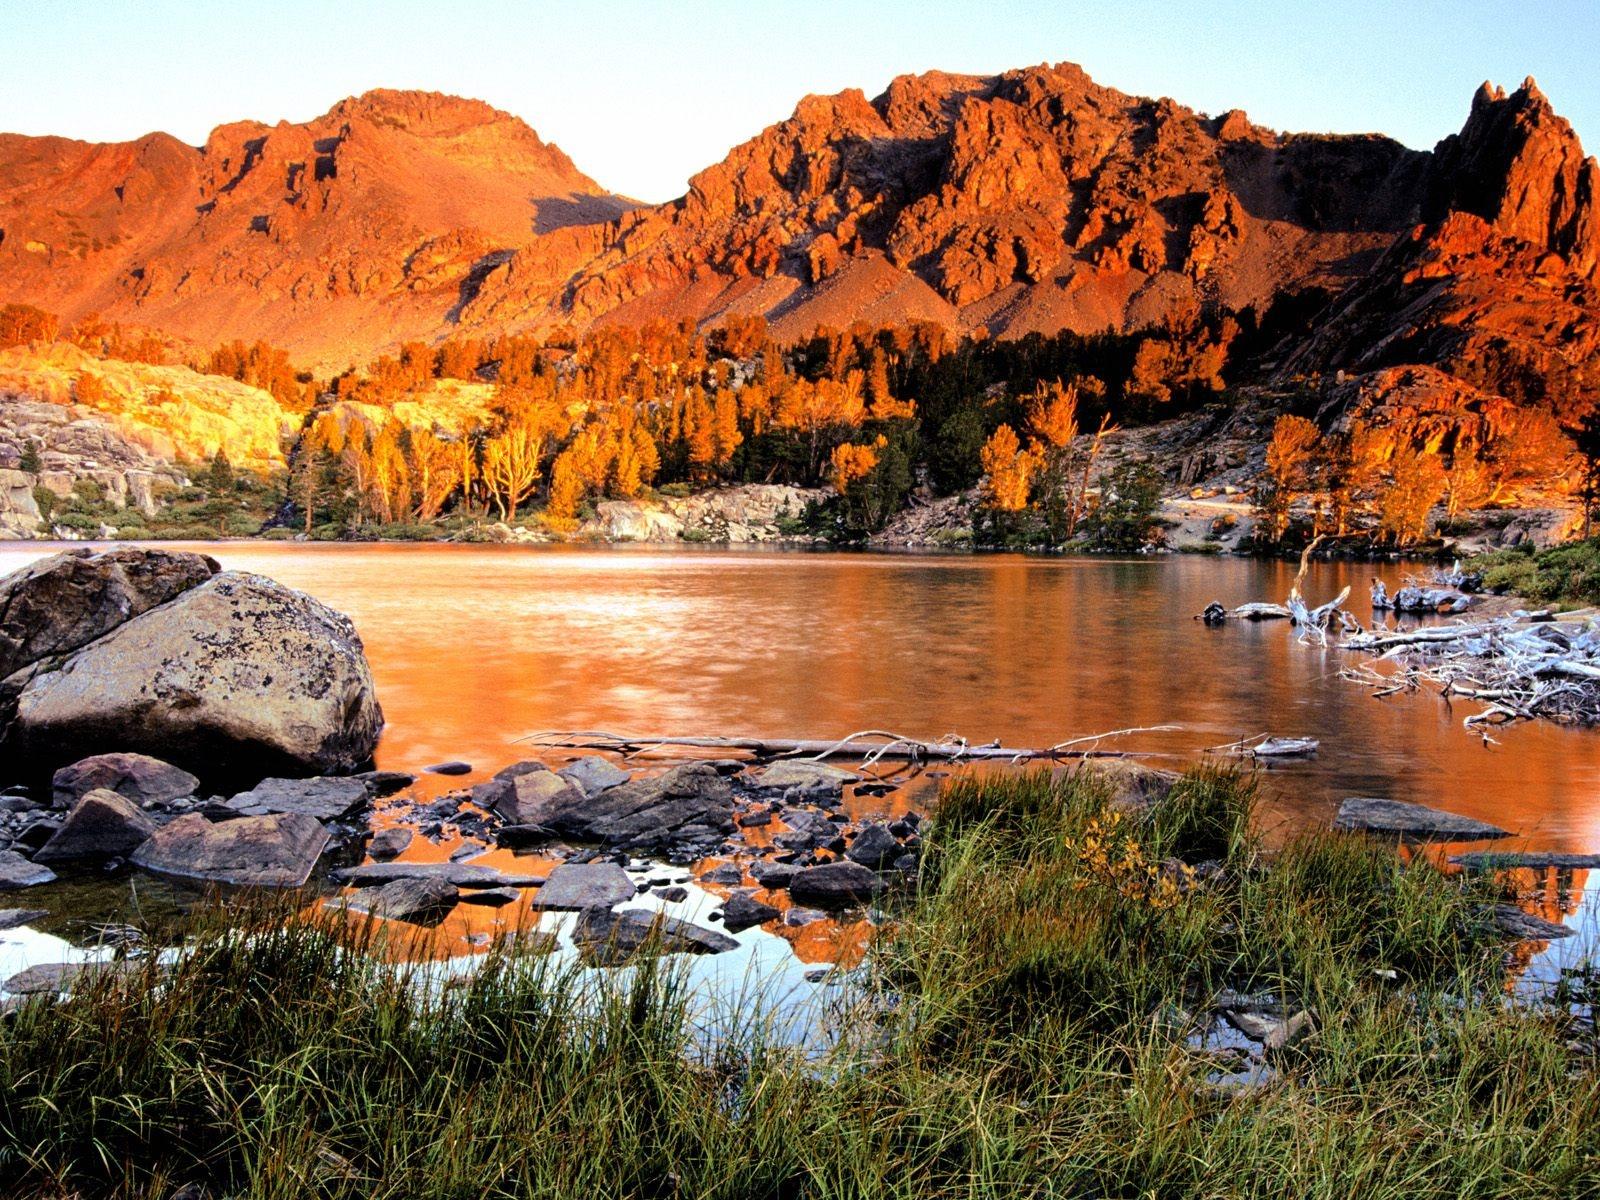 http://4.bp.blogspot.com/-18NRaHyBfqo/TtYyDiXf04I/AAAAAAAAEUM/YHu3u3AmUGg/s1600/virginia-lakes-sierra-nevada-mountains-califor-1600x1200.jpg